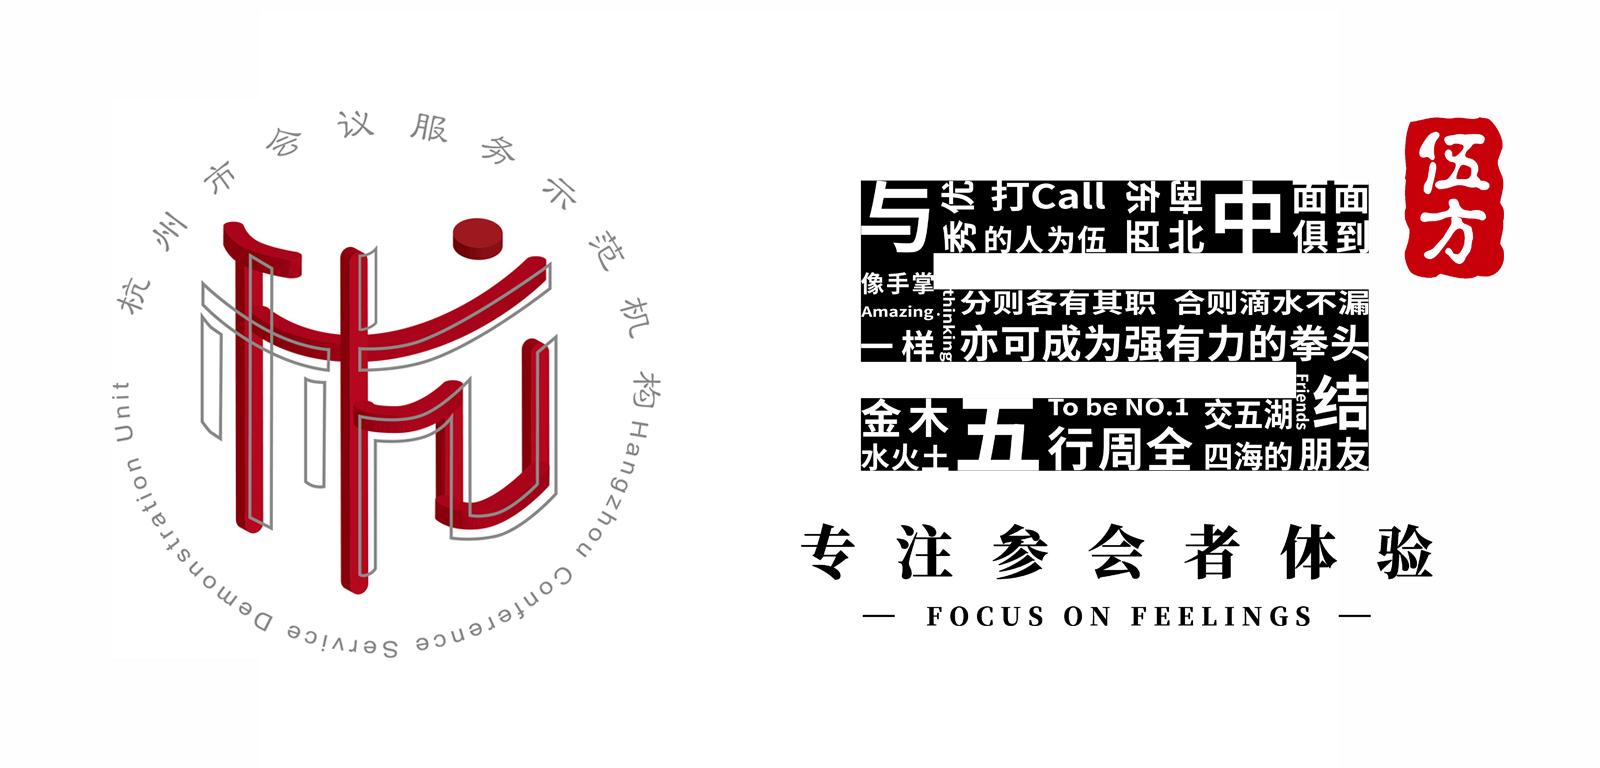 杭州会议服务示范机构――伍方会议